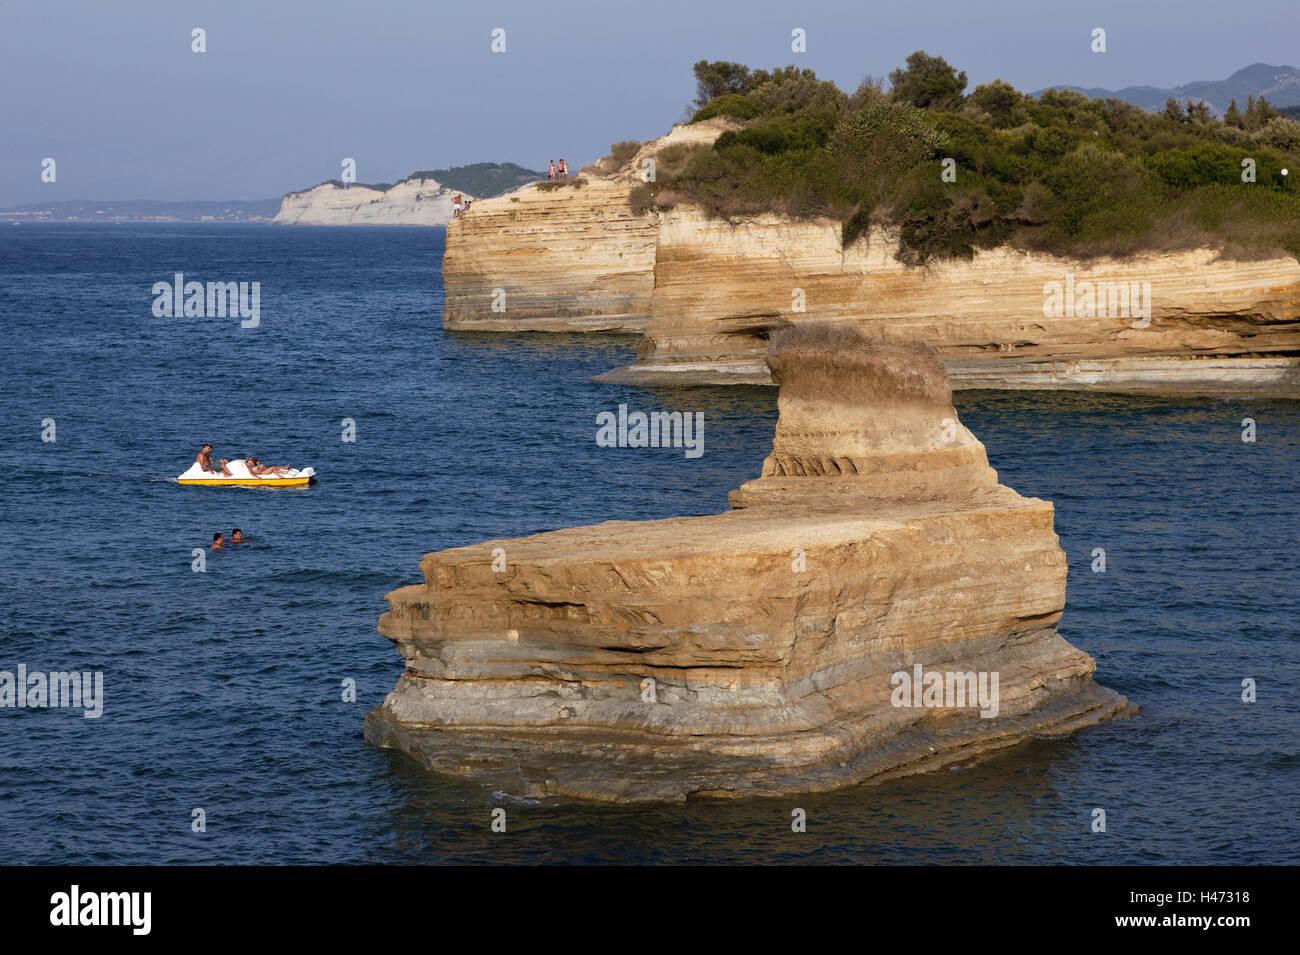 L'île de Corfou, Grèce, la bile, la côte nord-ouest de Corfou, Le Sud, l'Europe, l'Europe, Photo Stock